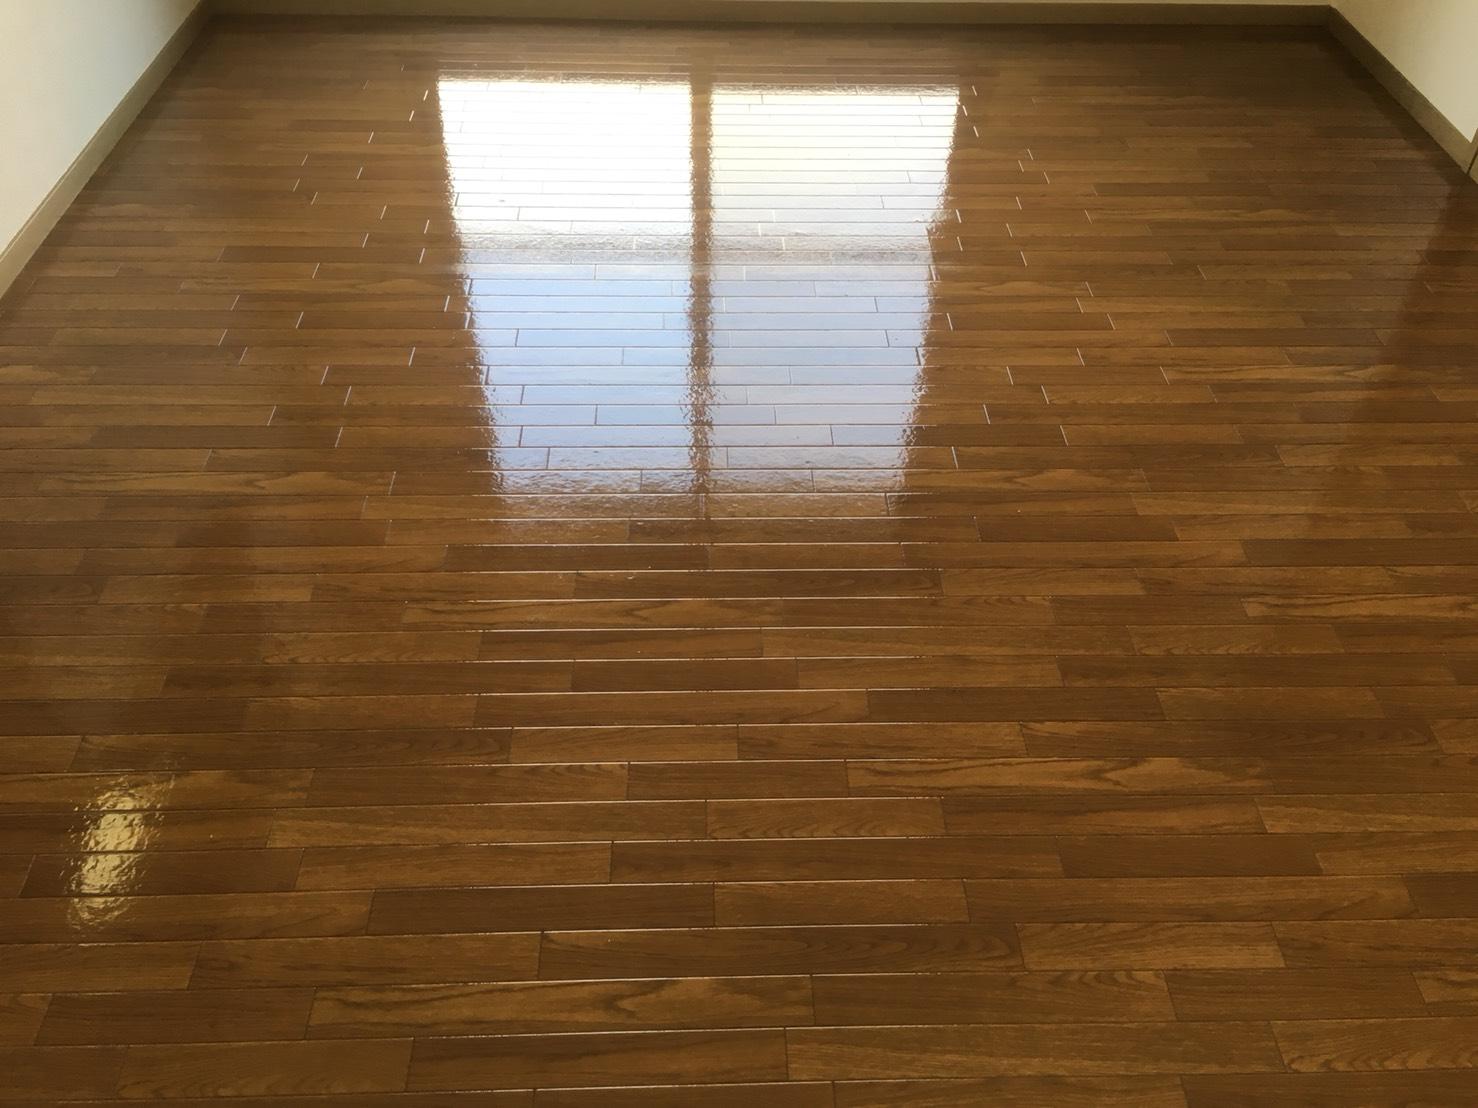 介護施設でのご利用者様の個室の床清掃も可!自宅も可☆伊丹市・宝塚市・川西市出張無料!お気軽にお問合せ下さい!自宅または、介護施設の床清掃のお手伝いはおそうじプラスにおまかせください!